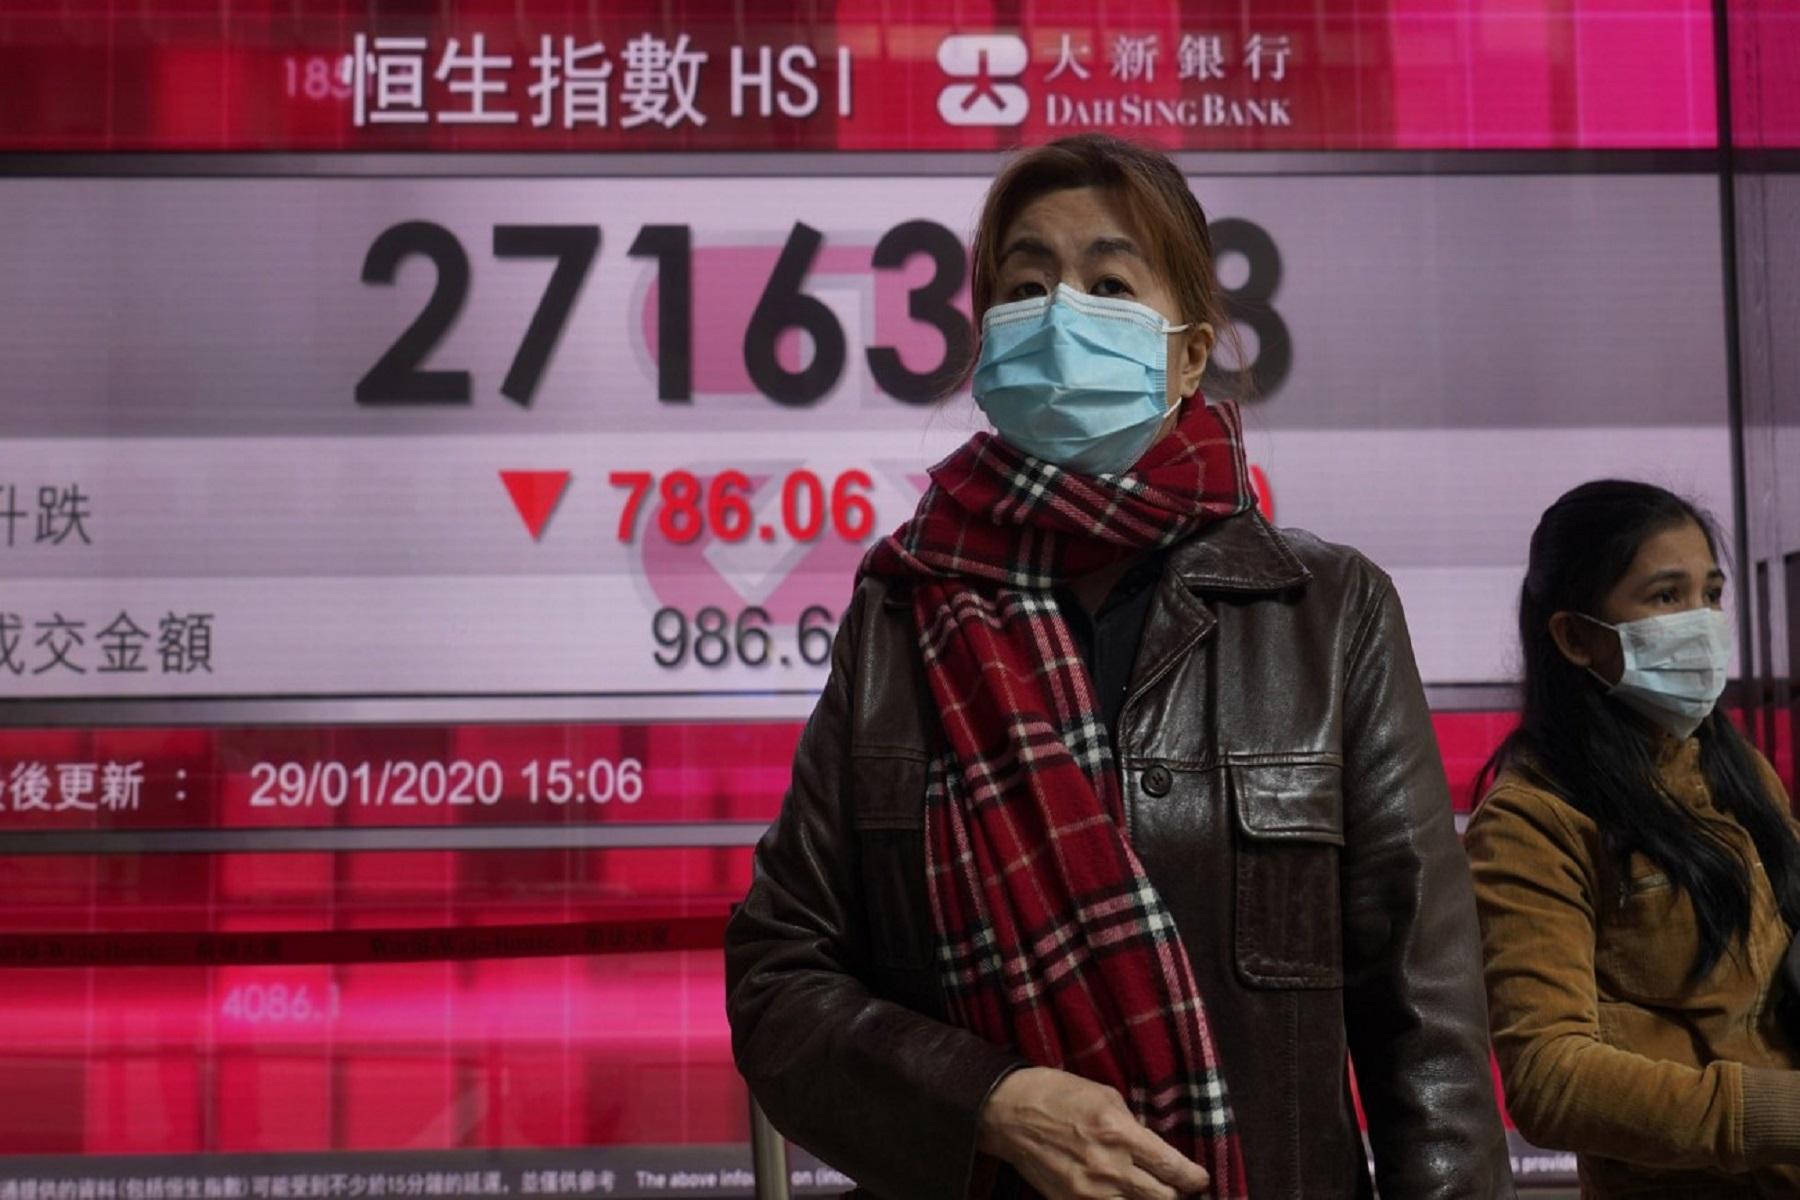 ΠΟΥ: Πιέσεις στην Κίνα να δώσει περισσότερα στοιχεία για την προέλευση του κορωνοϊού